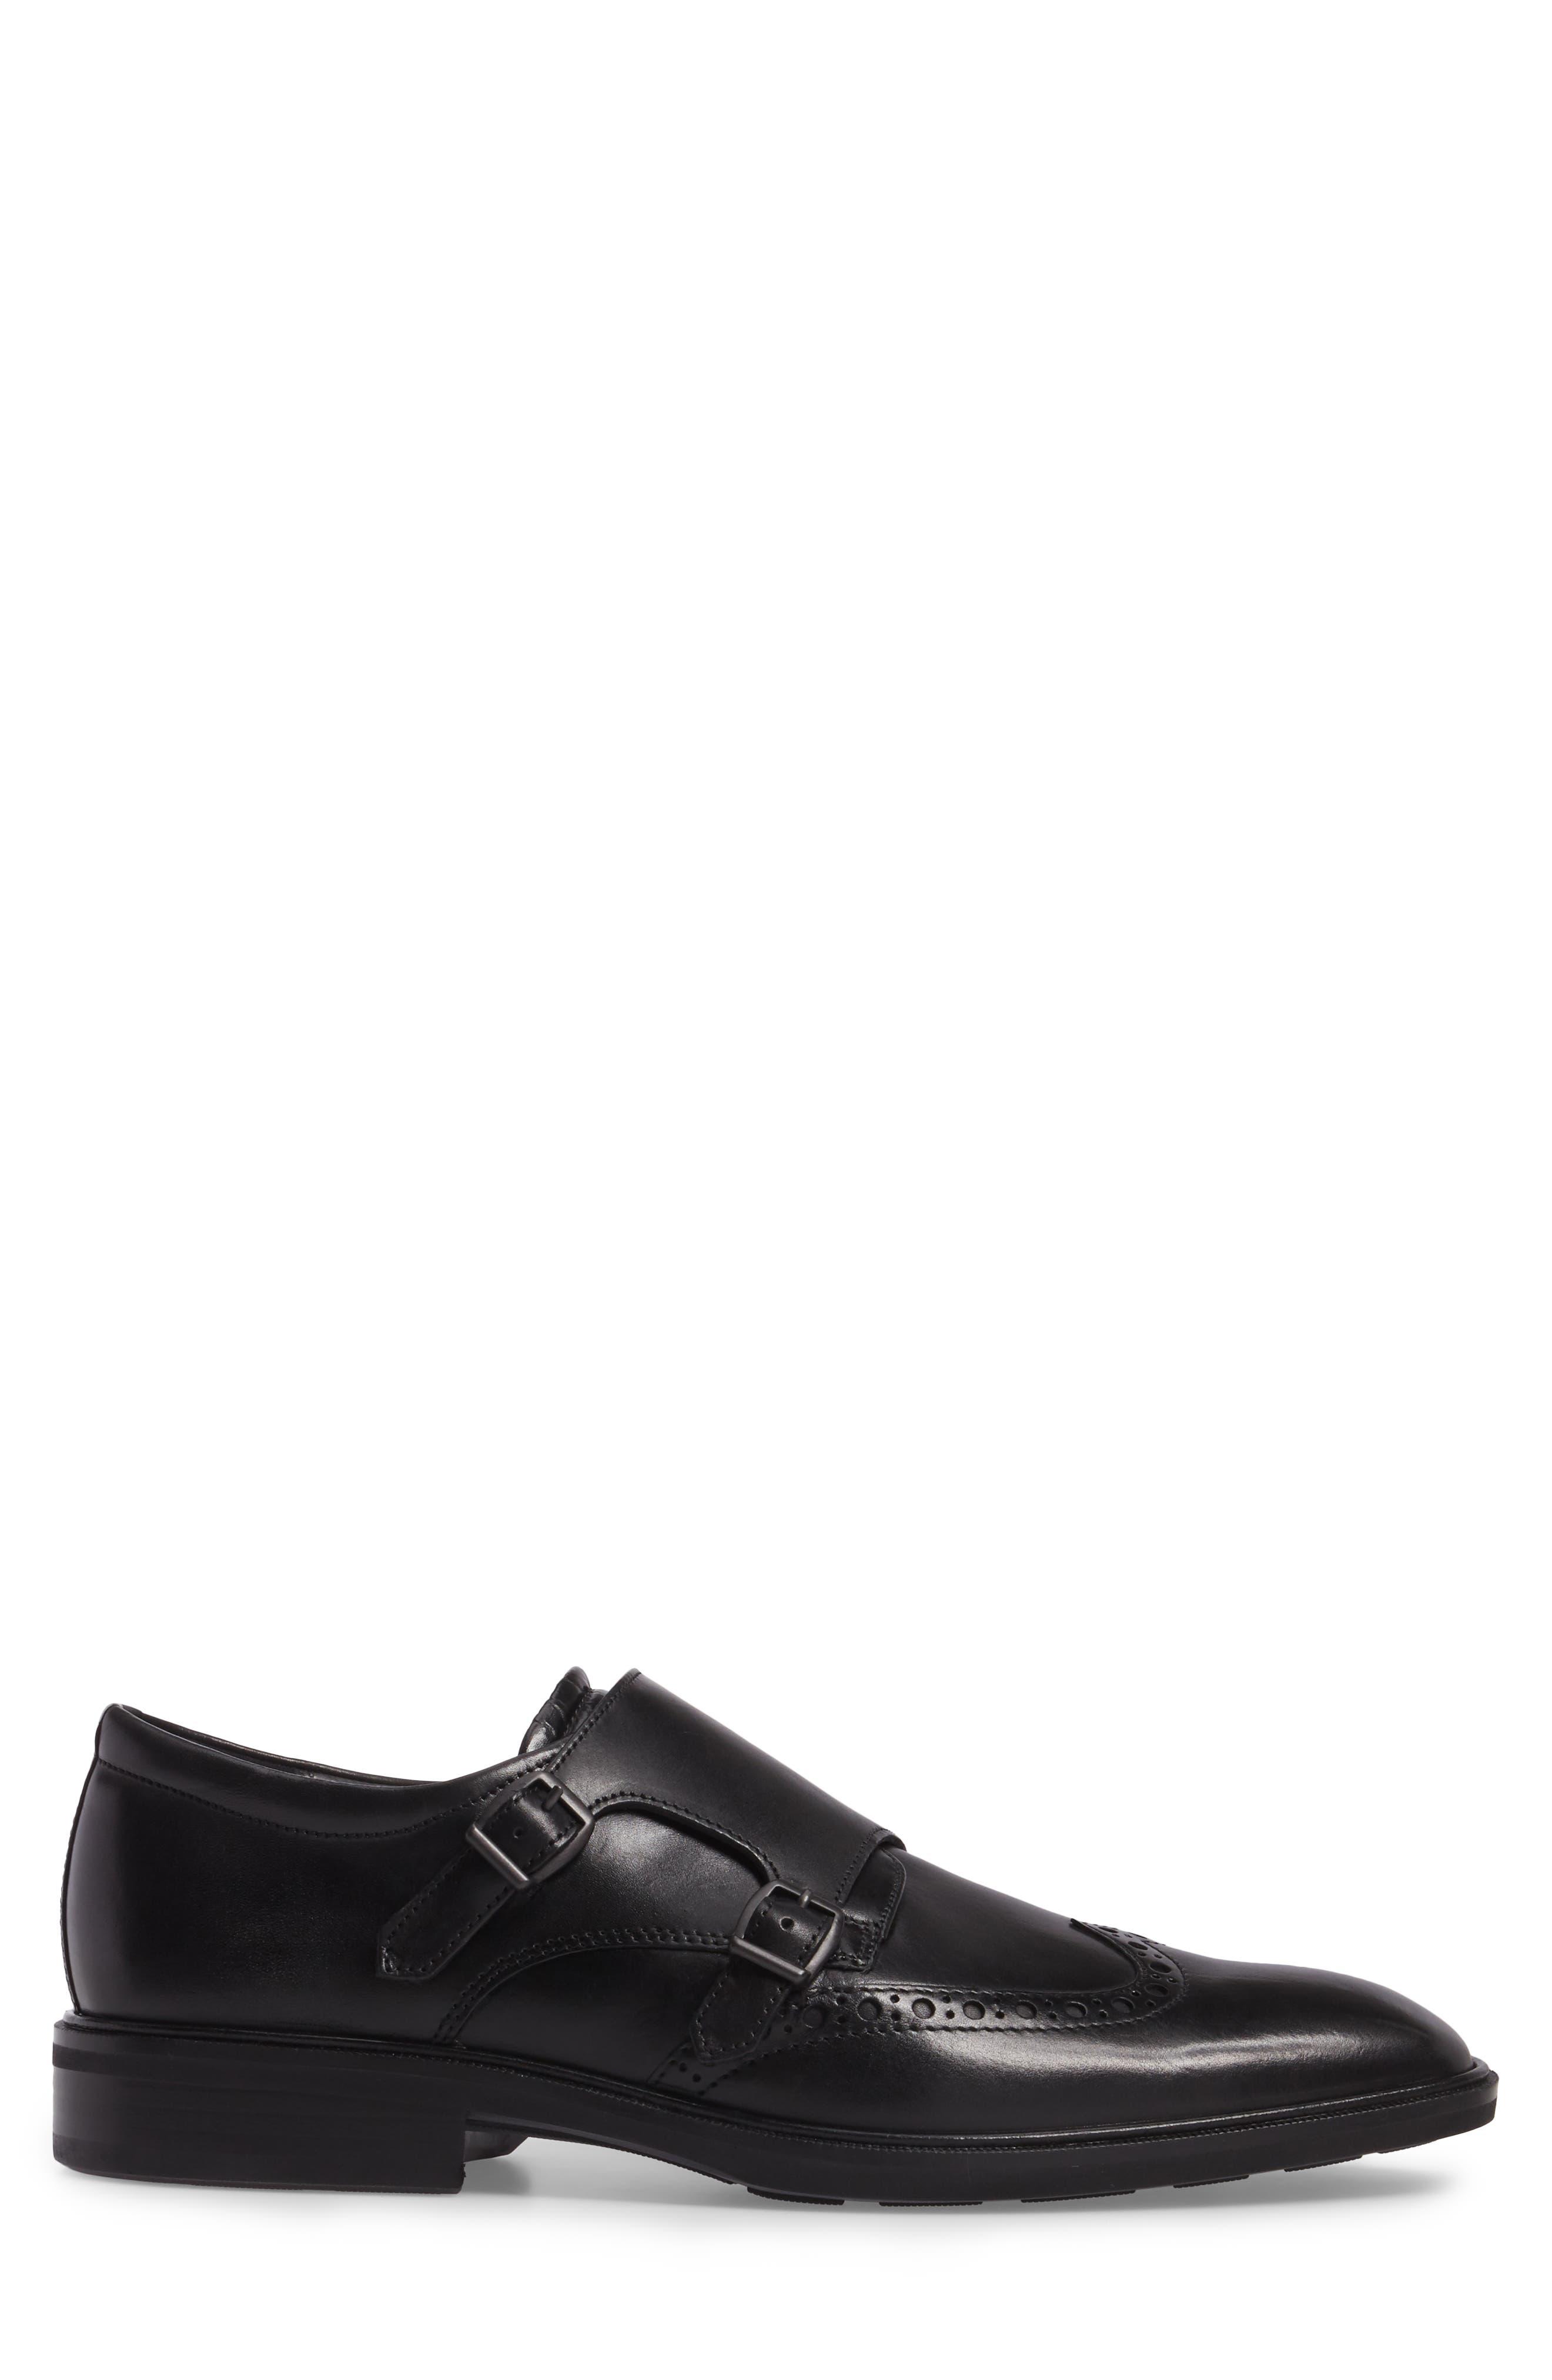 Illinois Double Monk Strap Shoe,                             Alternate thumbnail 3, color,                             Black Leather